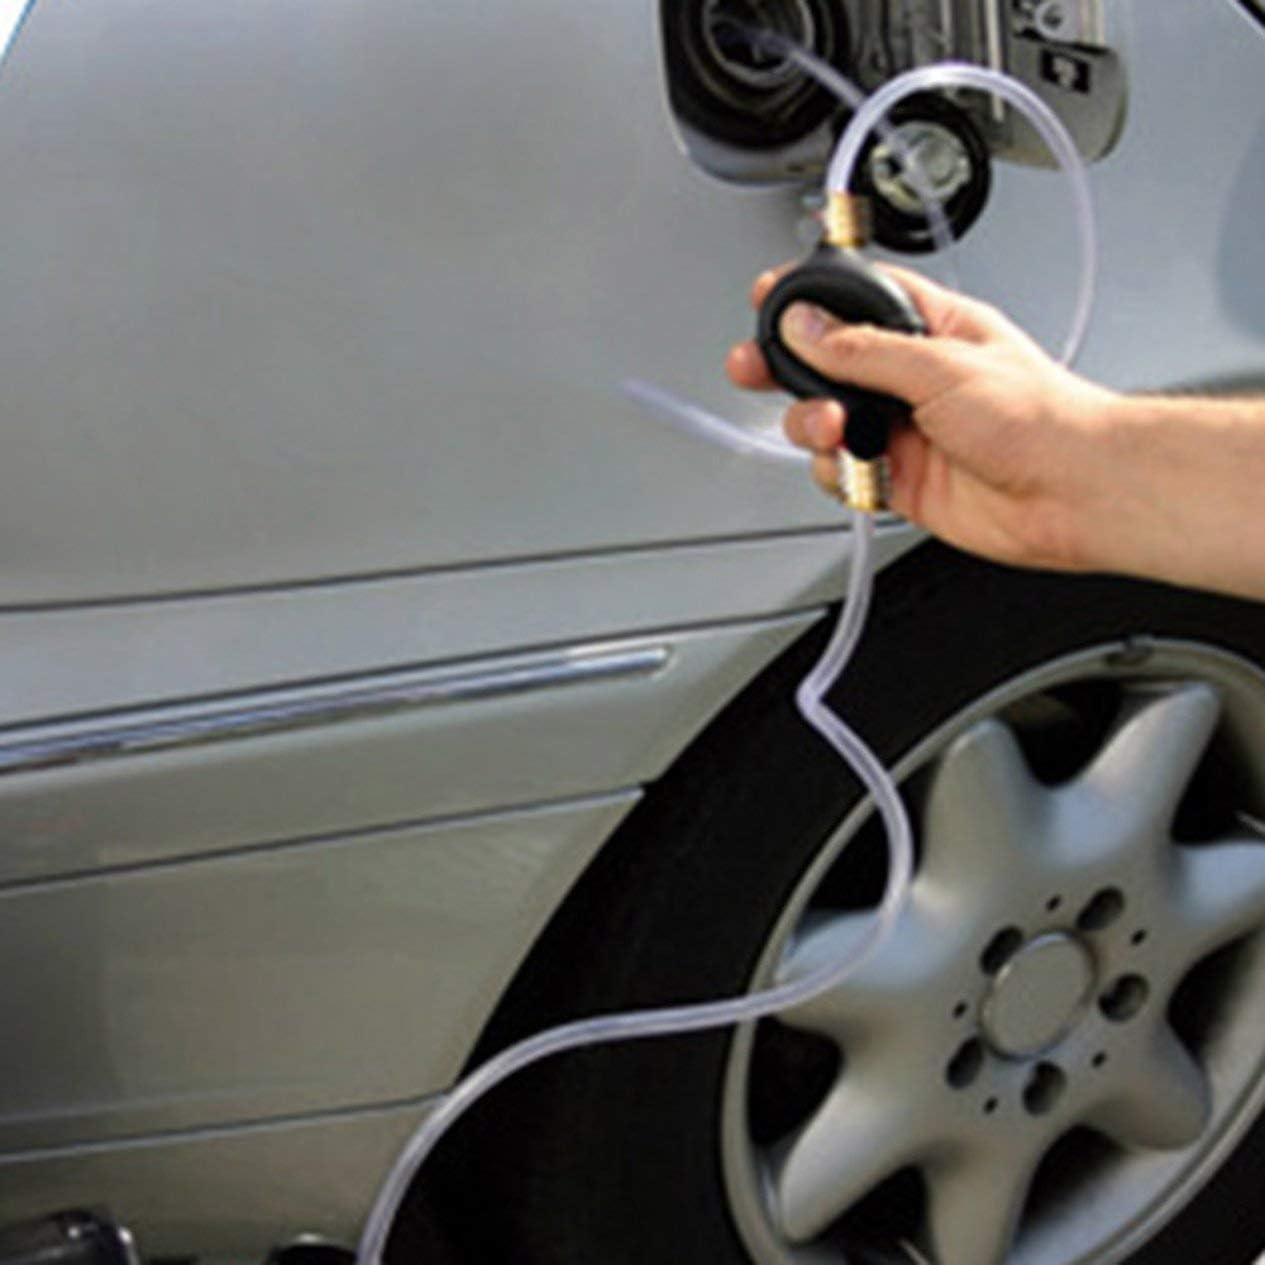 Auto Auto Siphon Siphon Schlauch Schlauchpumpe f/ür Fluid Wasser Gas Benzin Fl/üssigkeitstransfer Tragbare manuelle Handpumpe Werkzeuge Klar